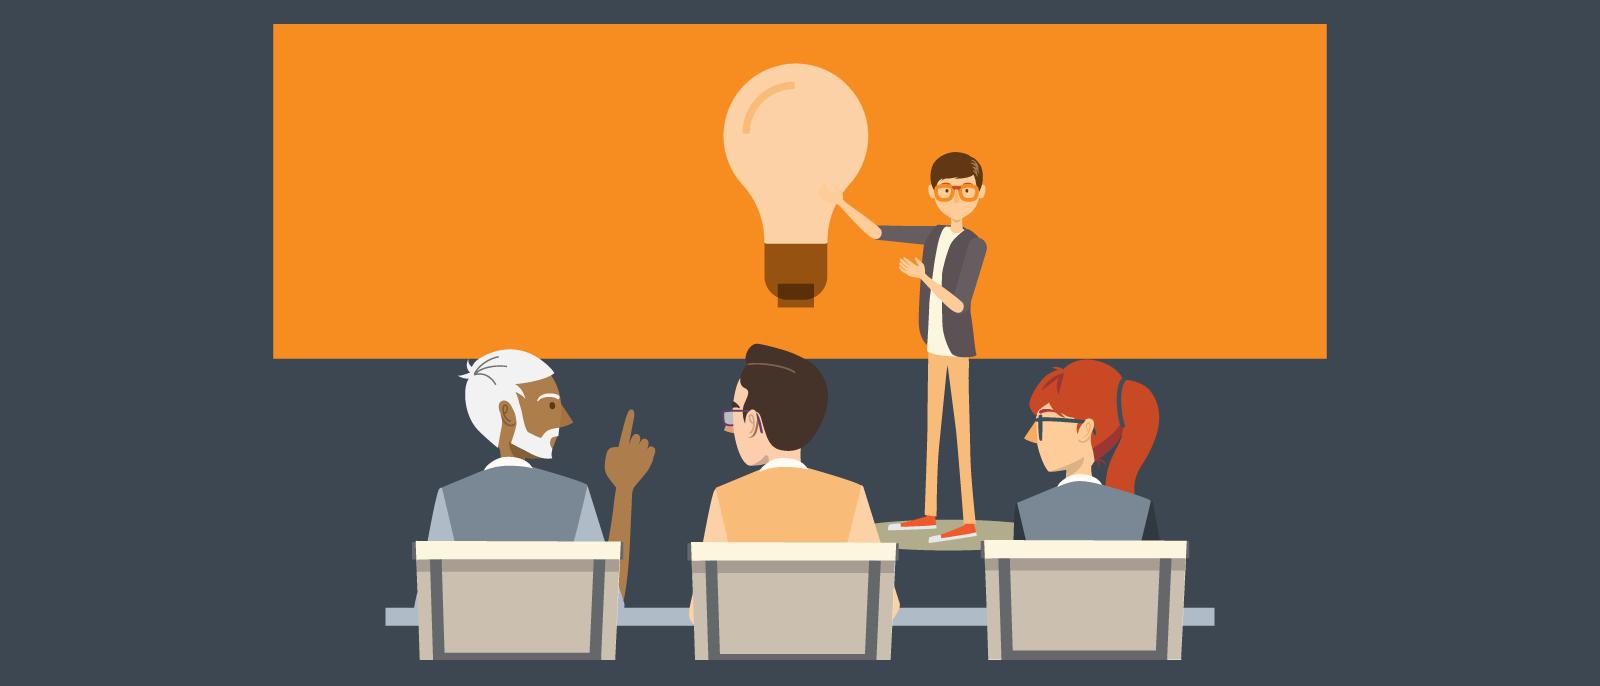 3 keys to pitch an idea successfully | lucidchart blog